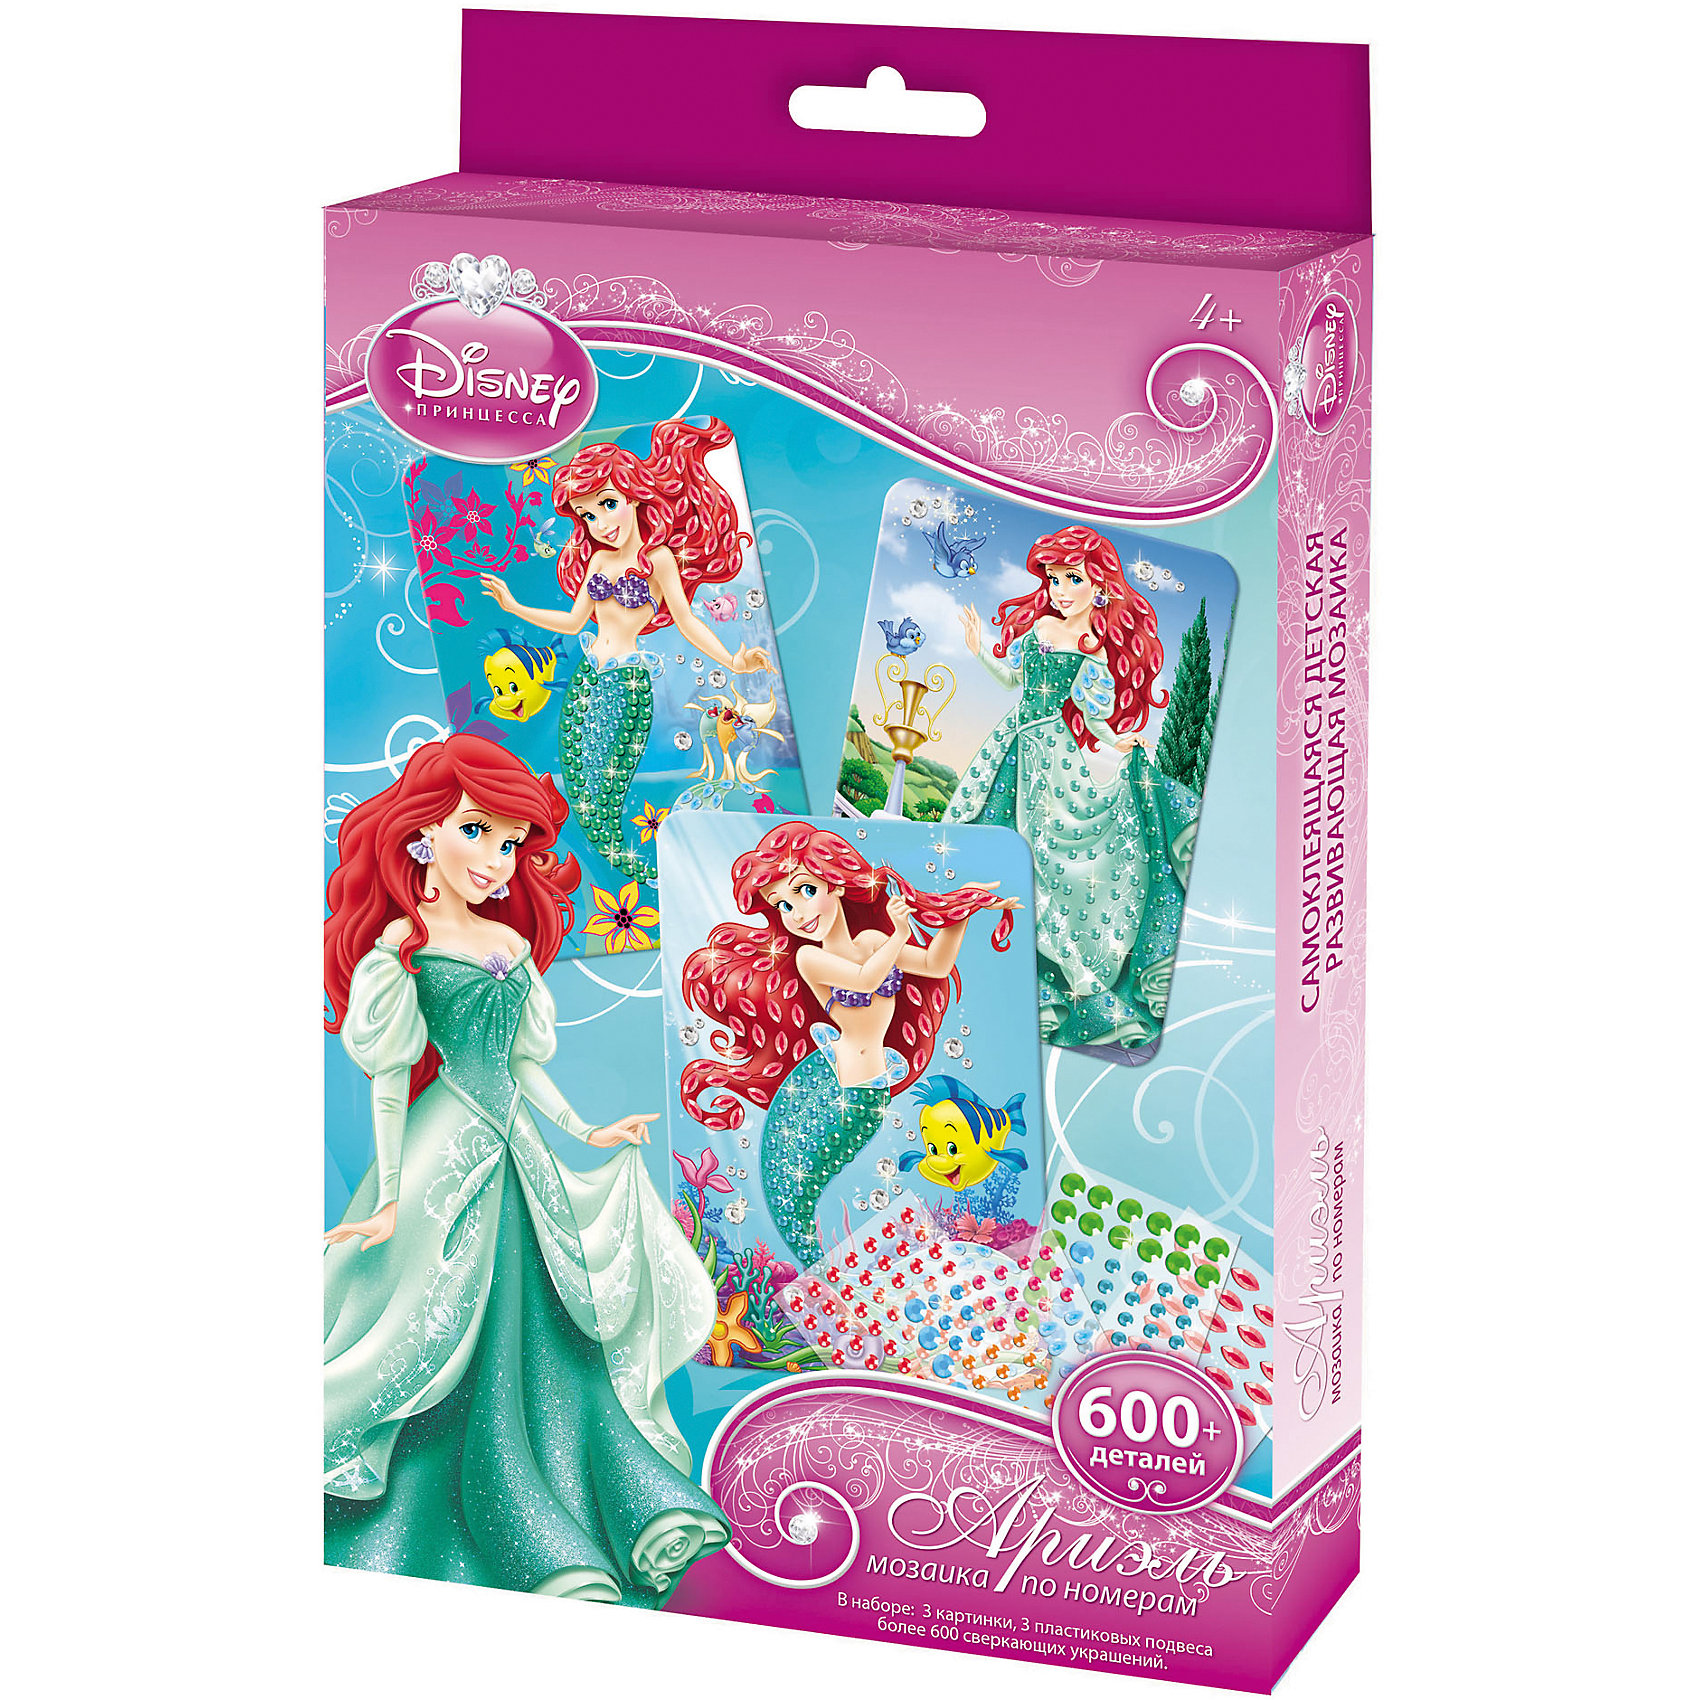 Origami Мозаика-набор 3 в 1 Ариель, Принцессы Дисней origami мозаика набор феечки 4 картинки